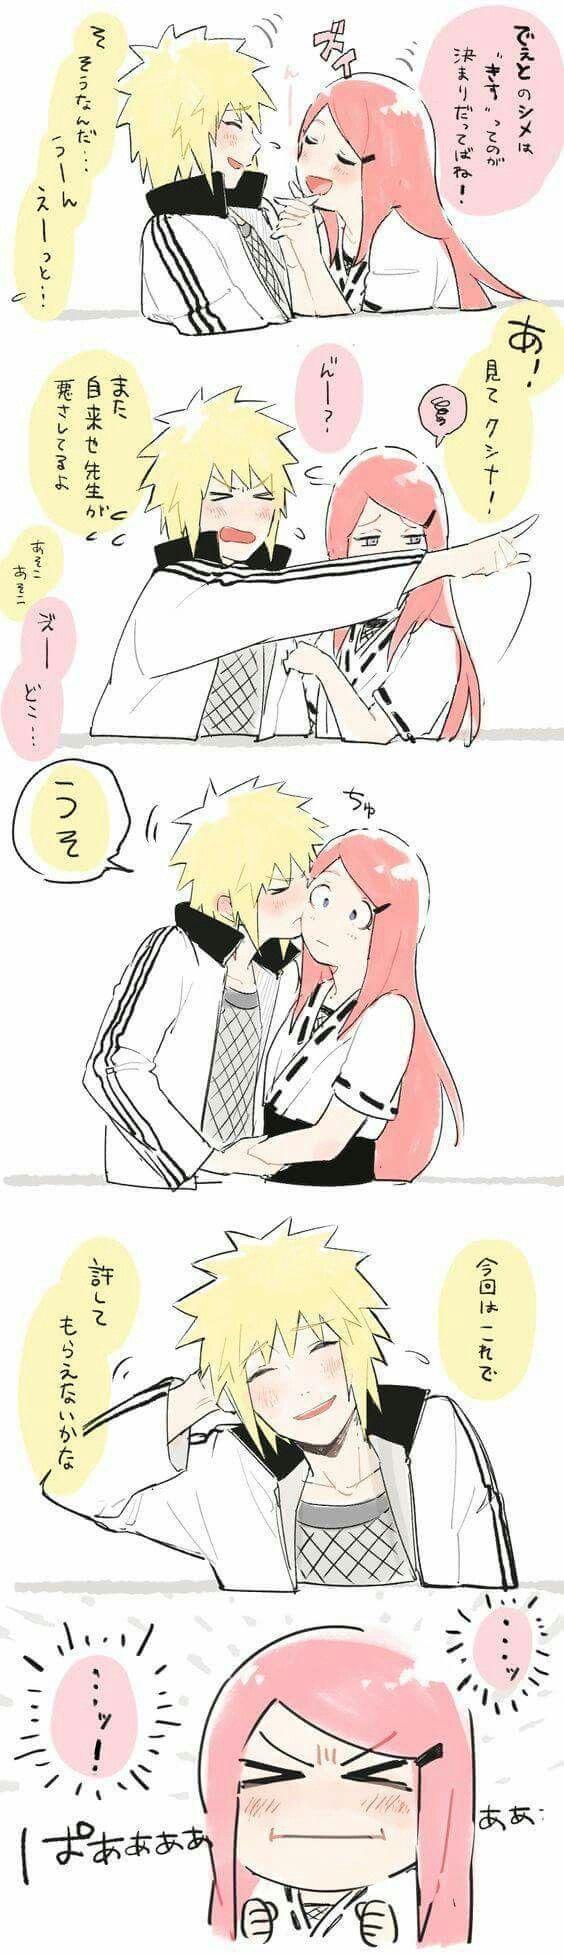 Adorable couple Minato and Kushina <3